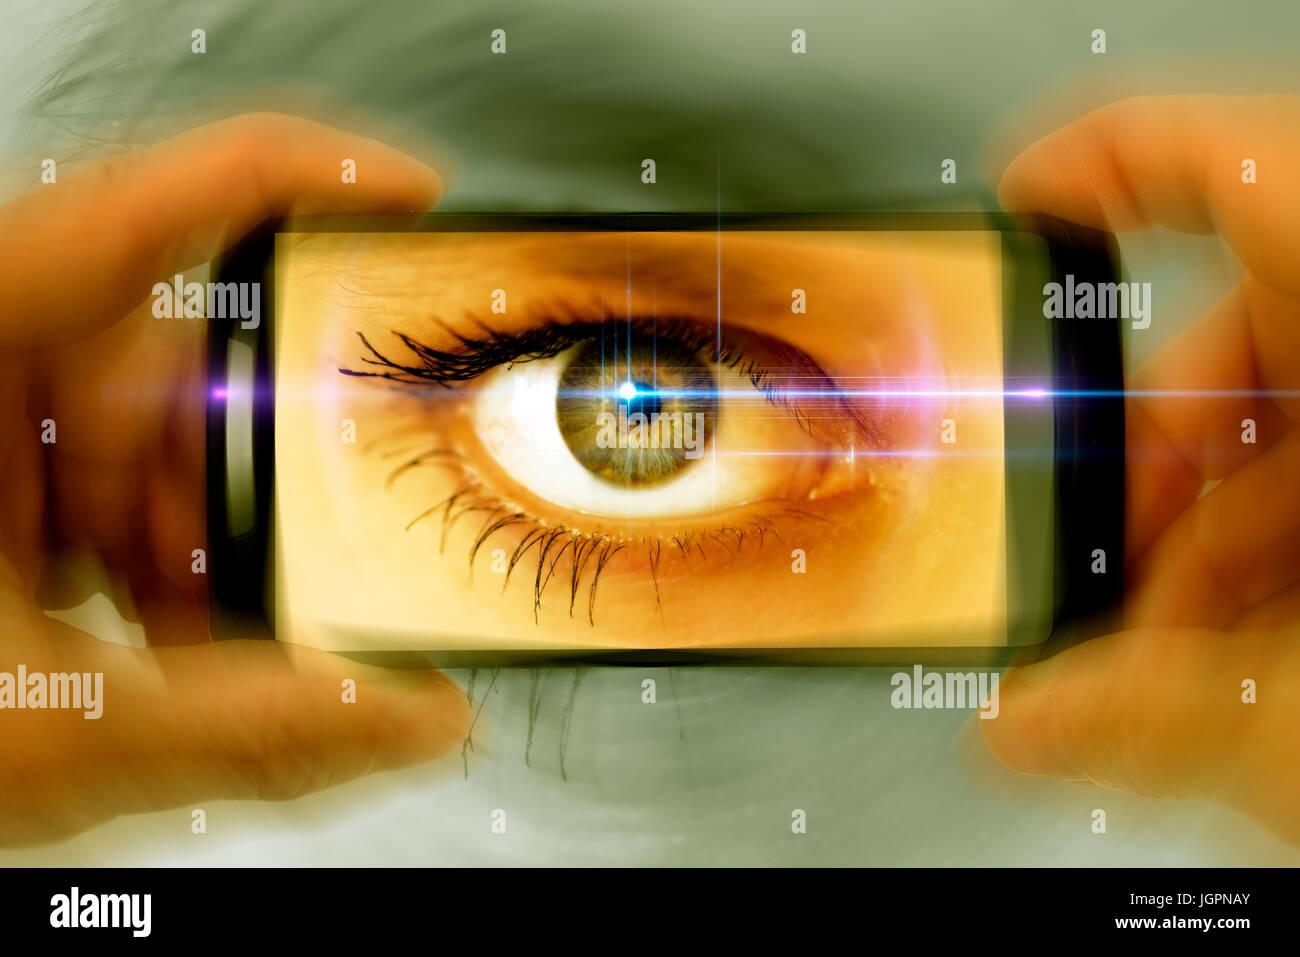 A woman's eye dans un appareil photo téléphone mobile, gawker Photo Stock